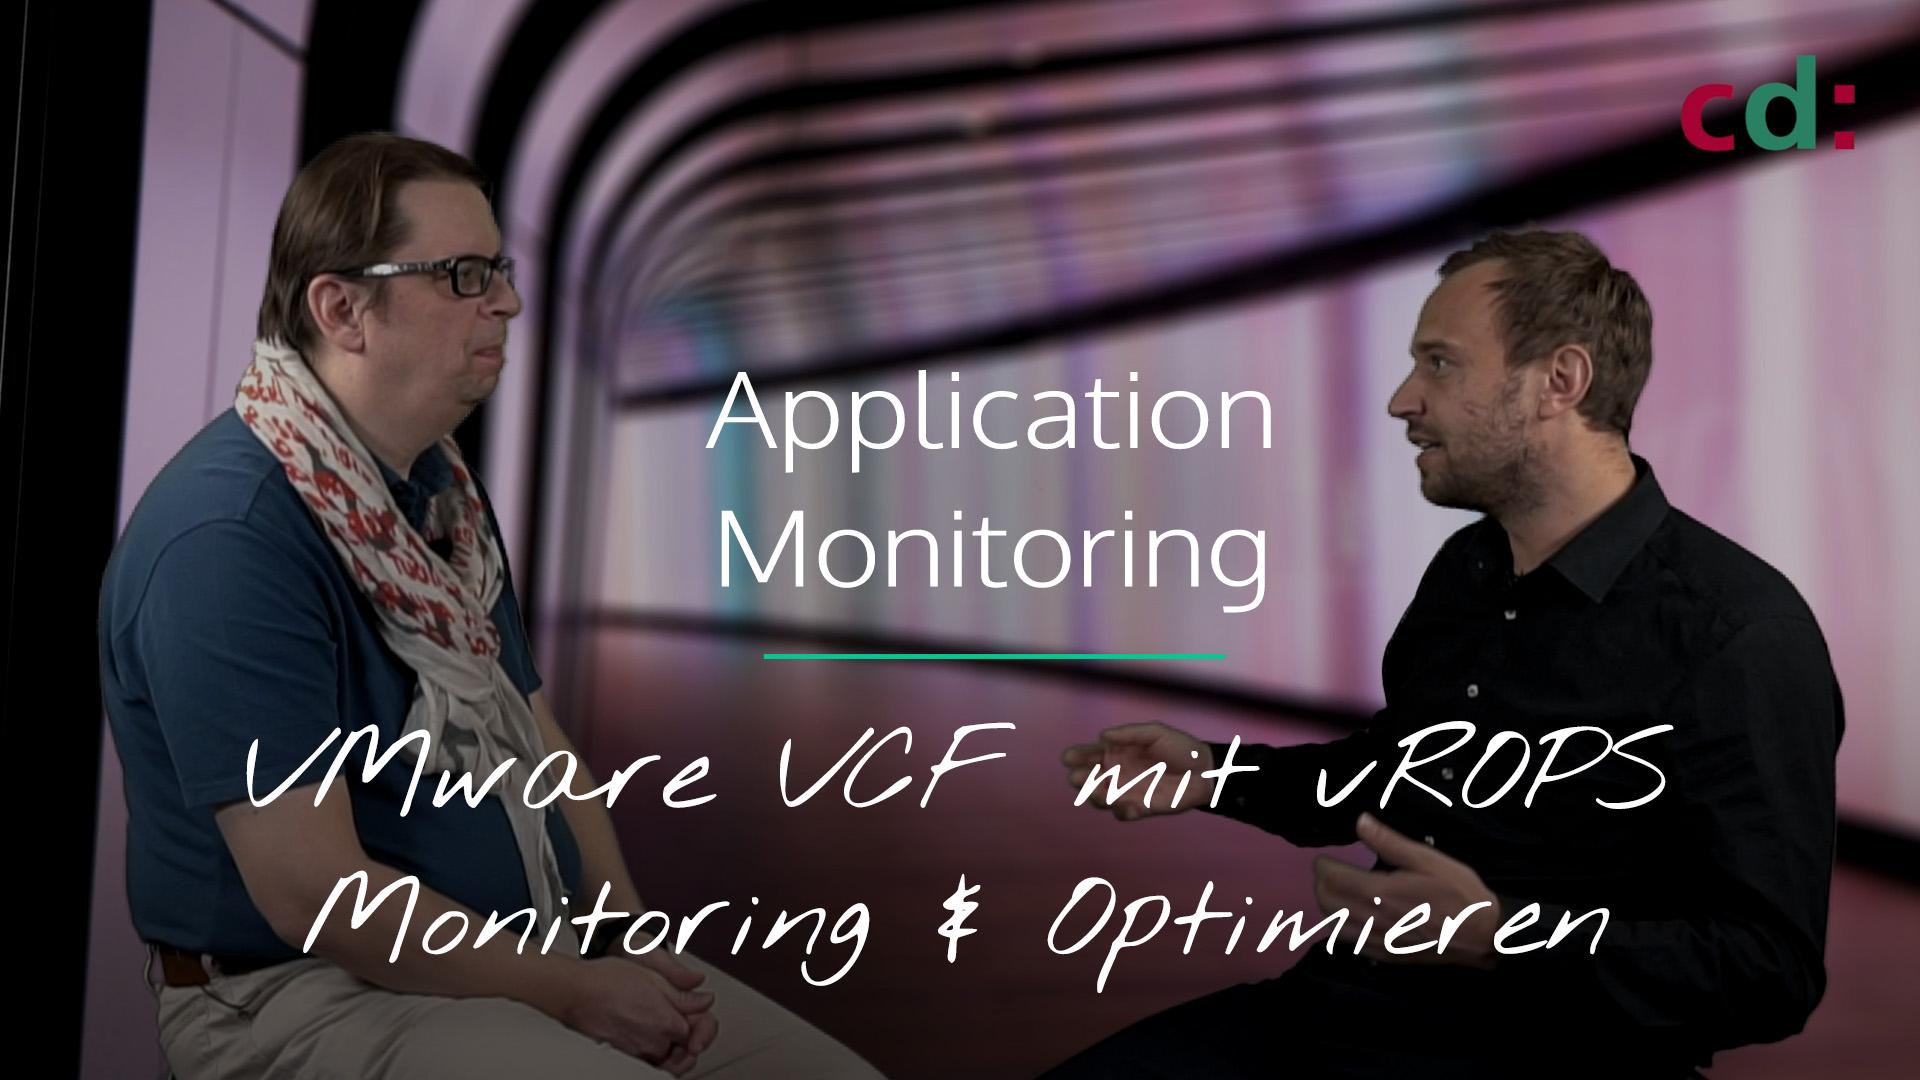 VMware VCF und vROPS - App Monitoring